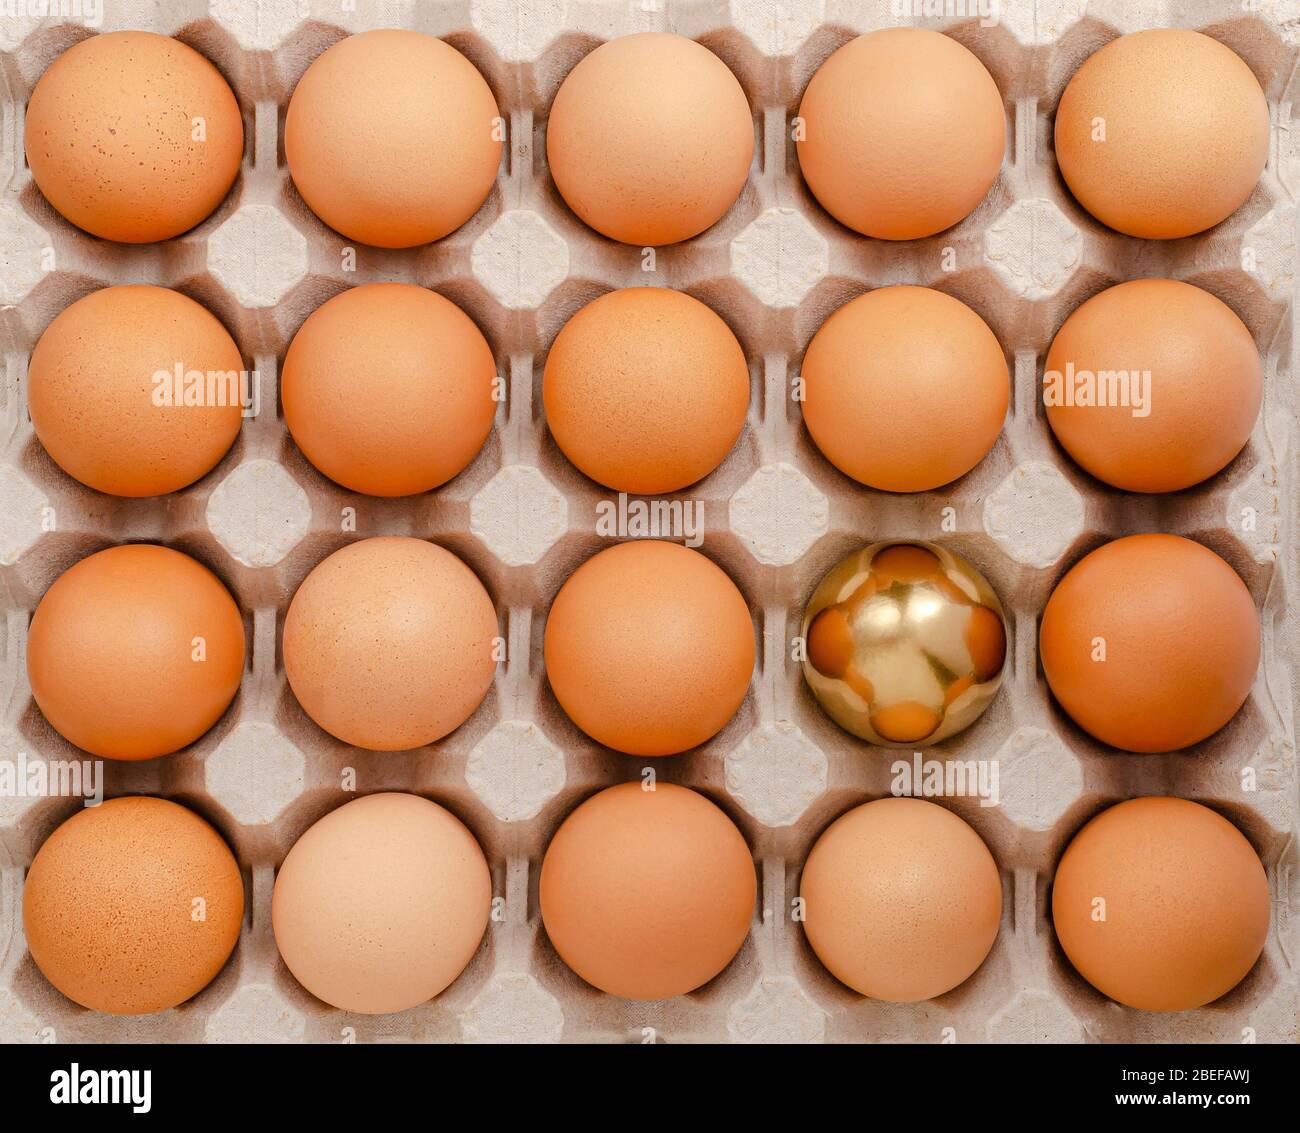 Huevo de oro. Destacar del concepto de multitud. Gastos generales Foto de stock